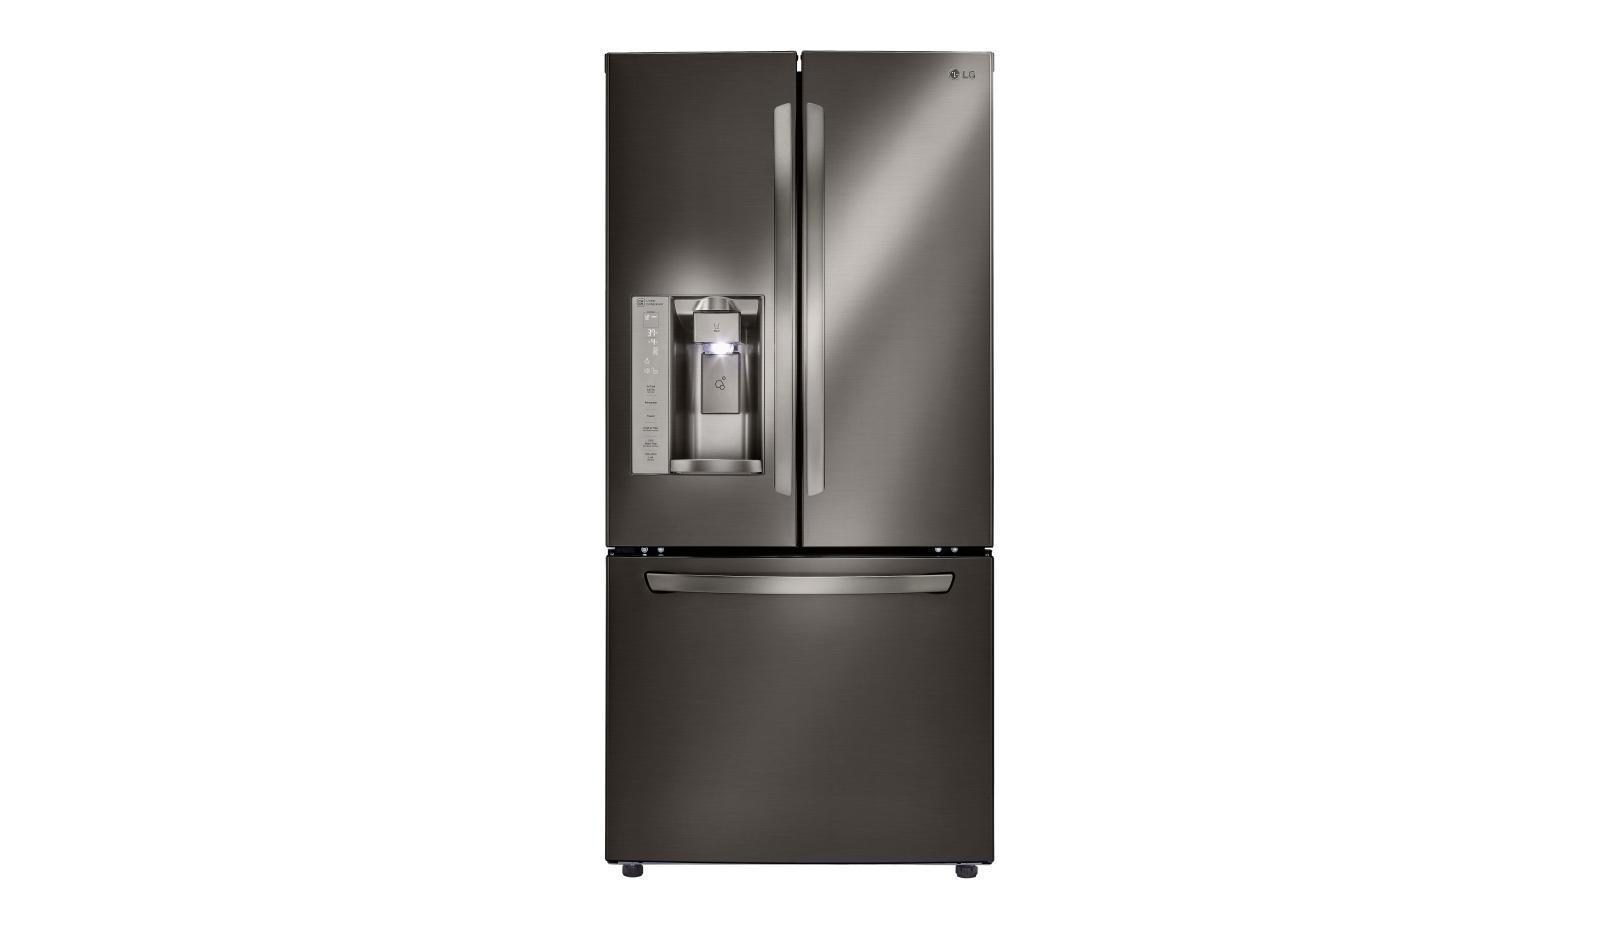 Lfxs24623s Lg Lfxs24623s French Door Refrigerators